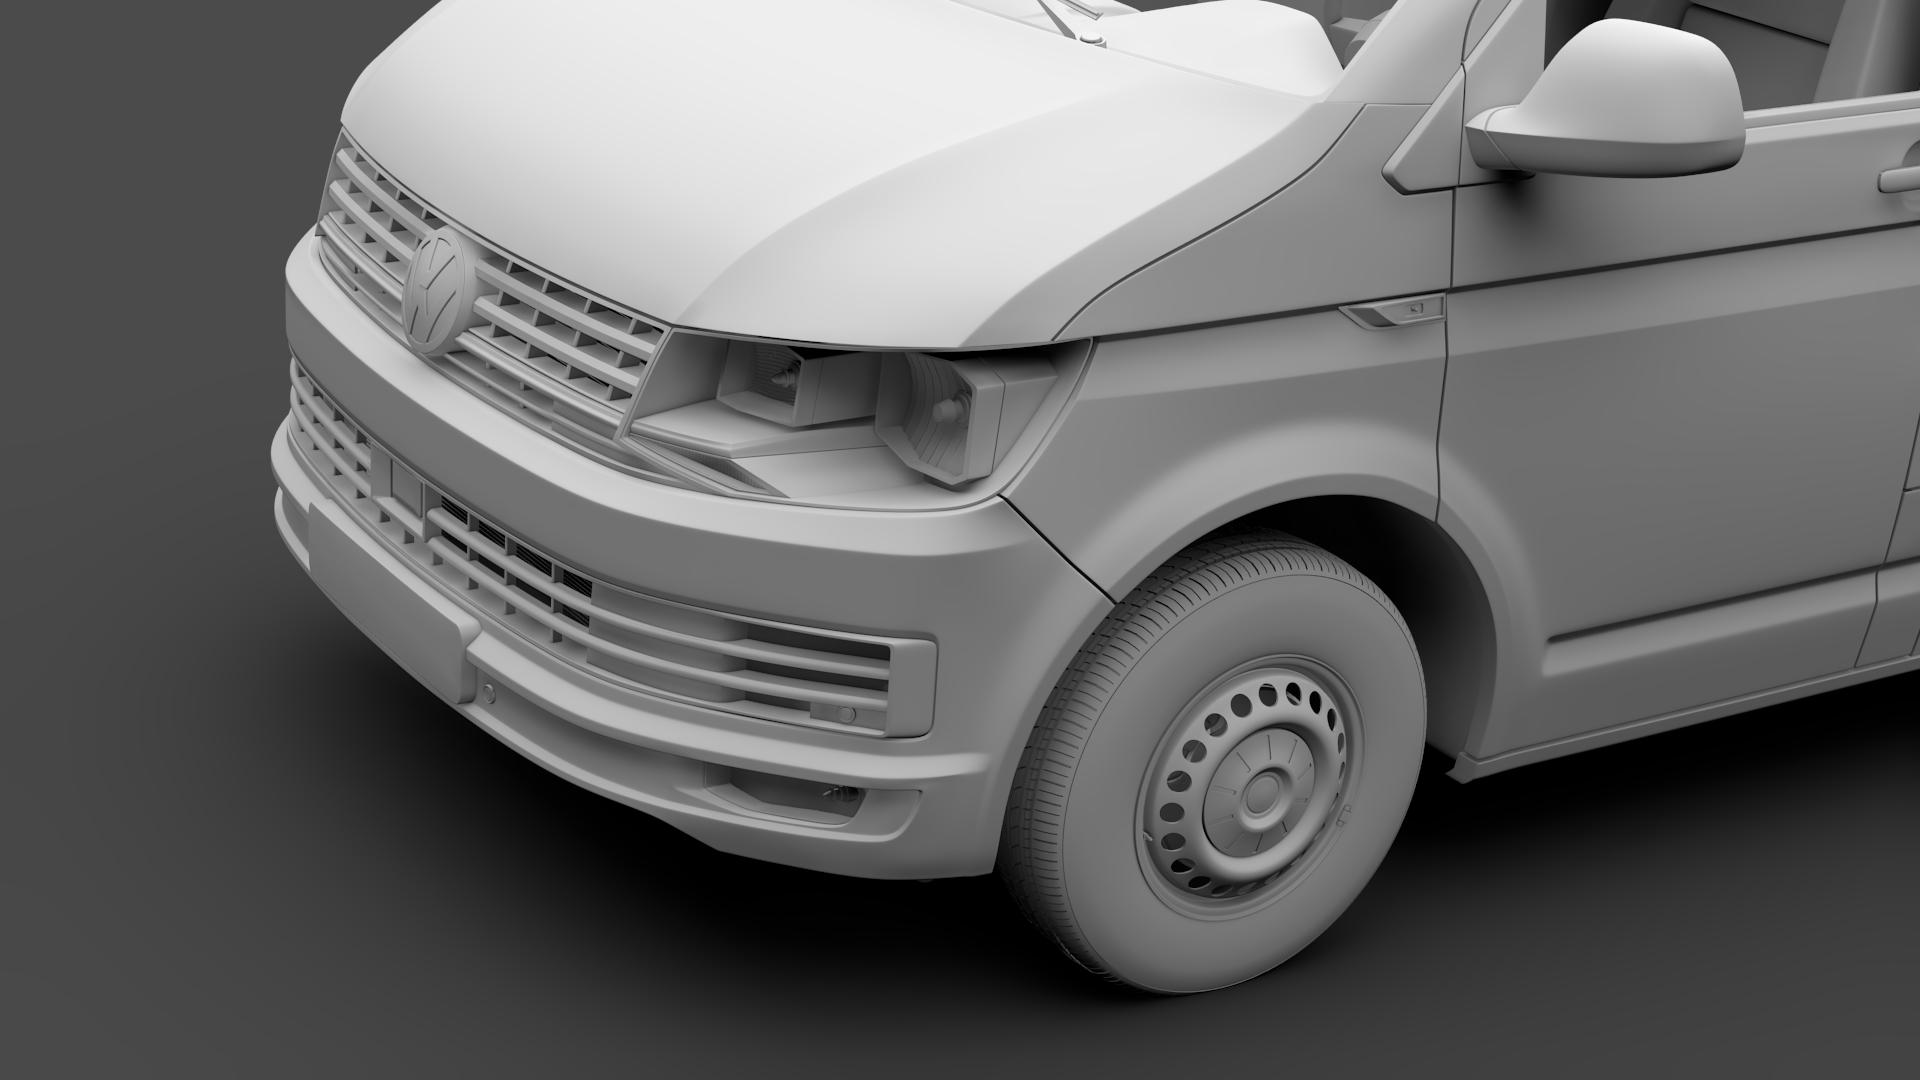 volkswagen transporter van l1h2 t6 2017 3d model max fbx c4d lwo ma mb hrc xsi obj 275157